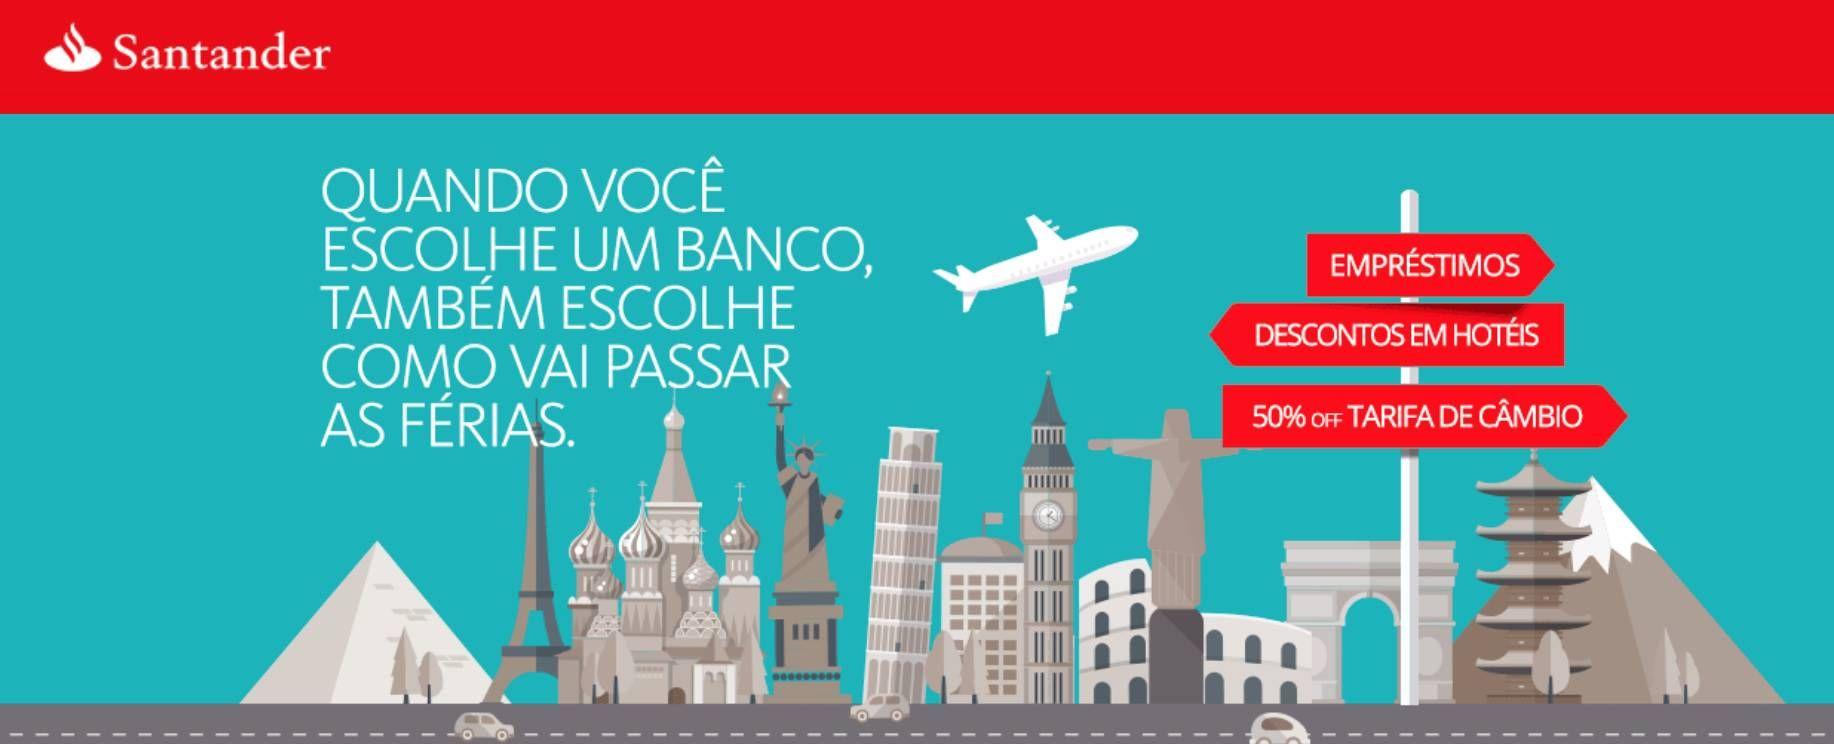 Santander oferece desconto de 50% na tarifa de compra e venda de moeda estrangeira